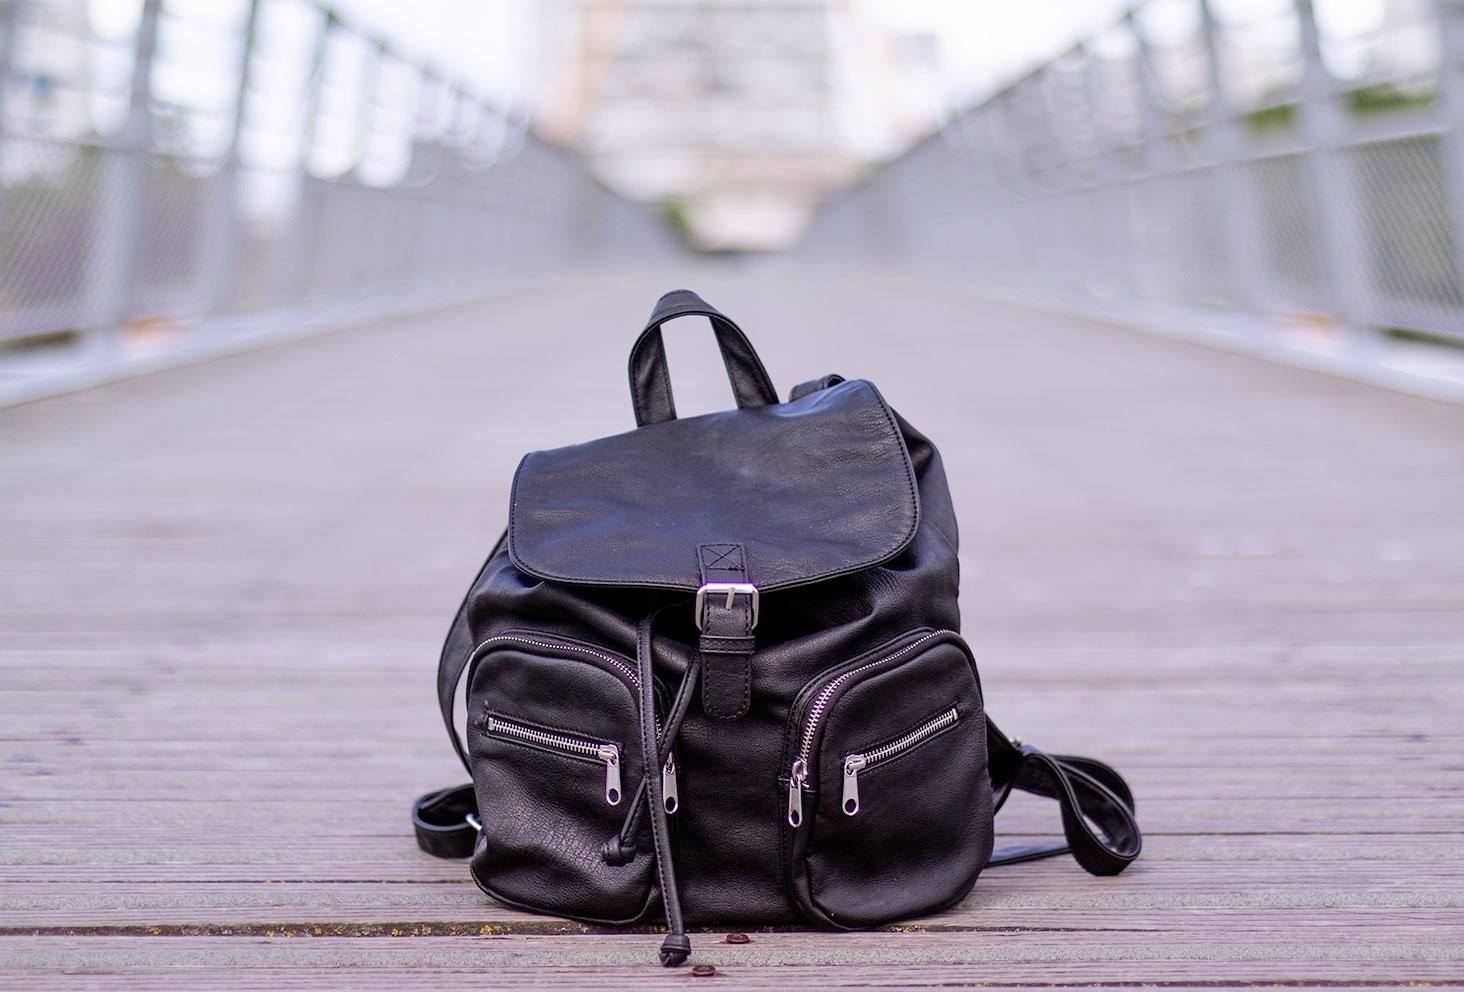 Un sac à dos noir en simili cuir posé sur un sol en bois, au milieu d'un pont suspendu